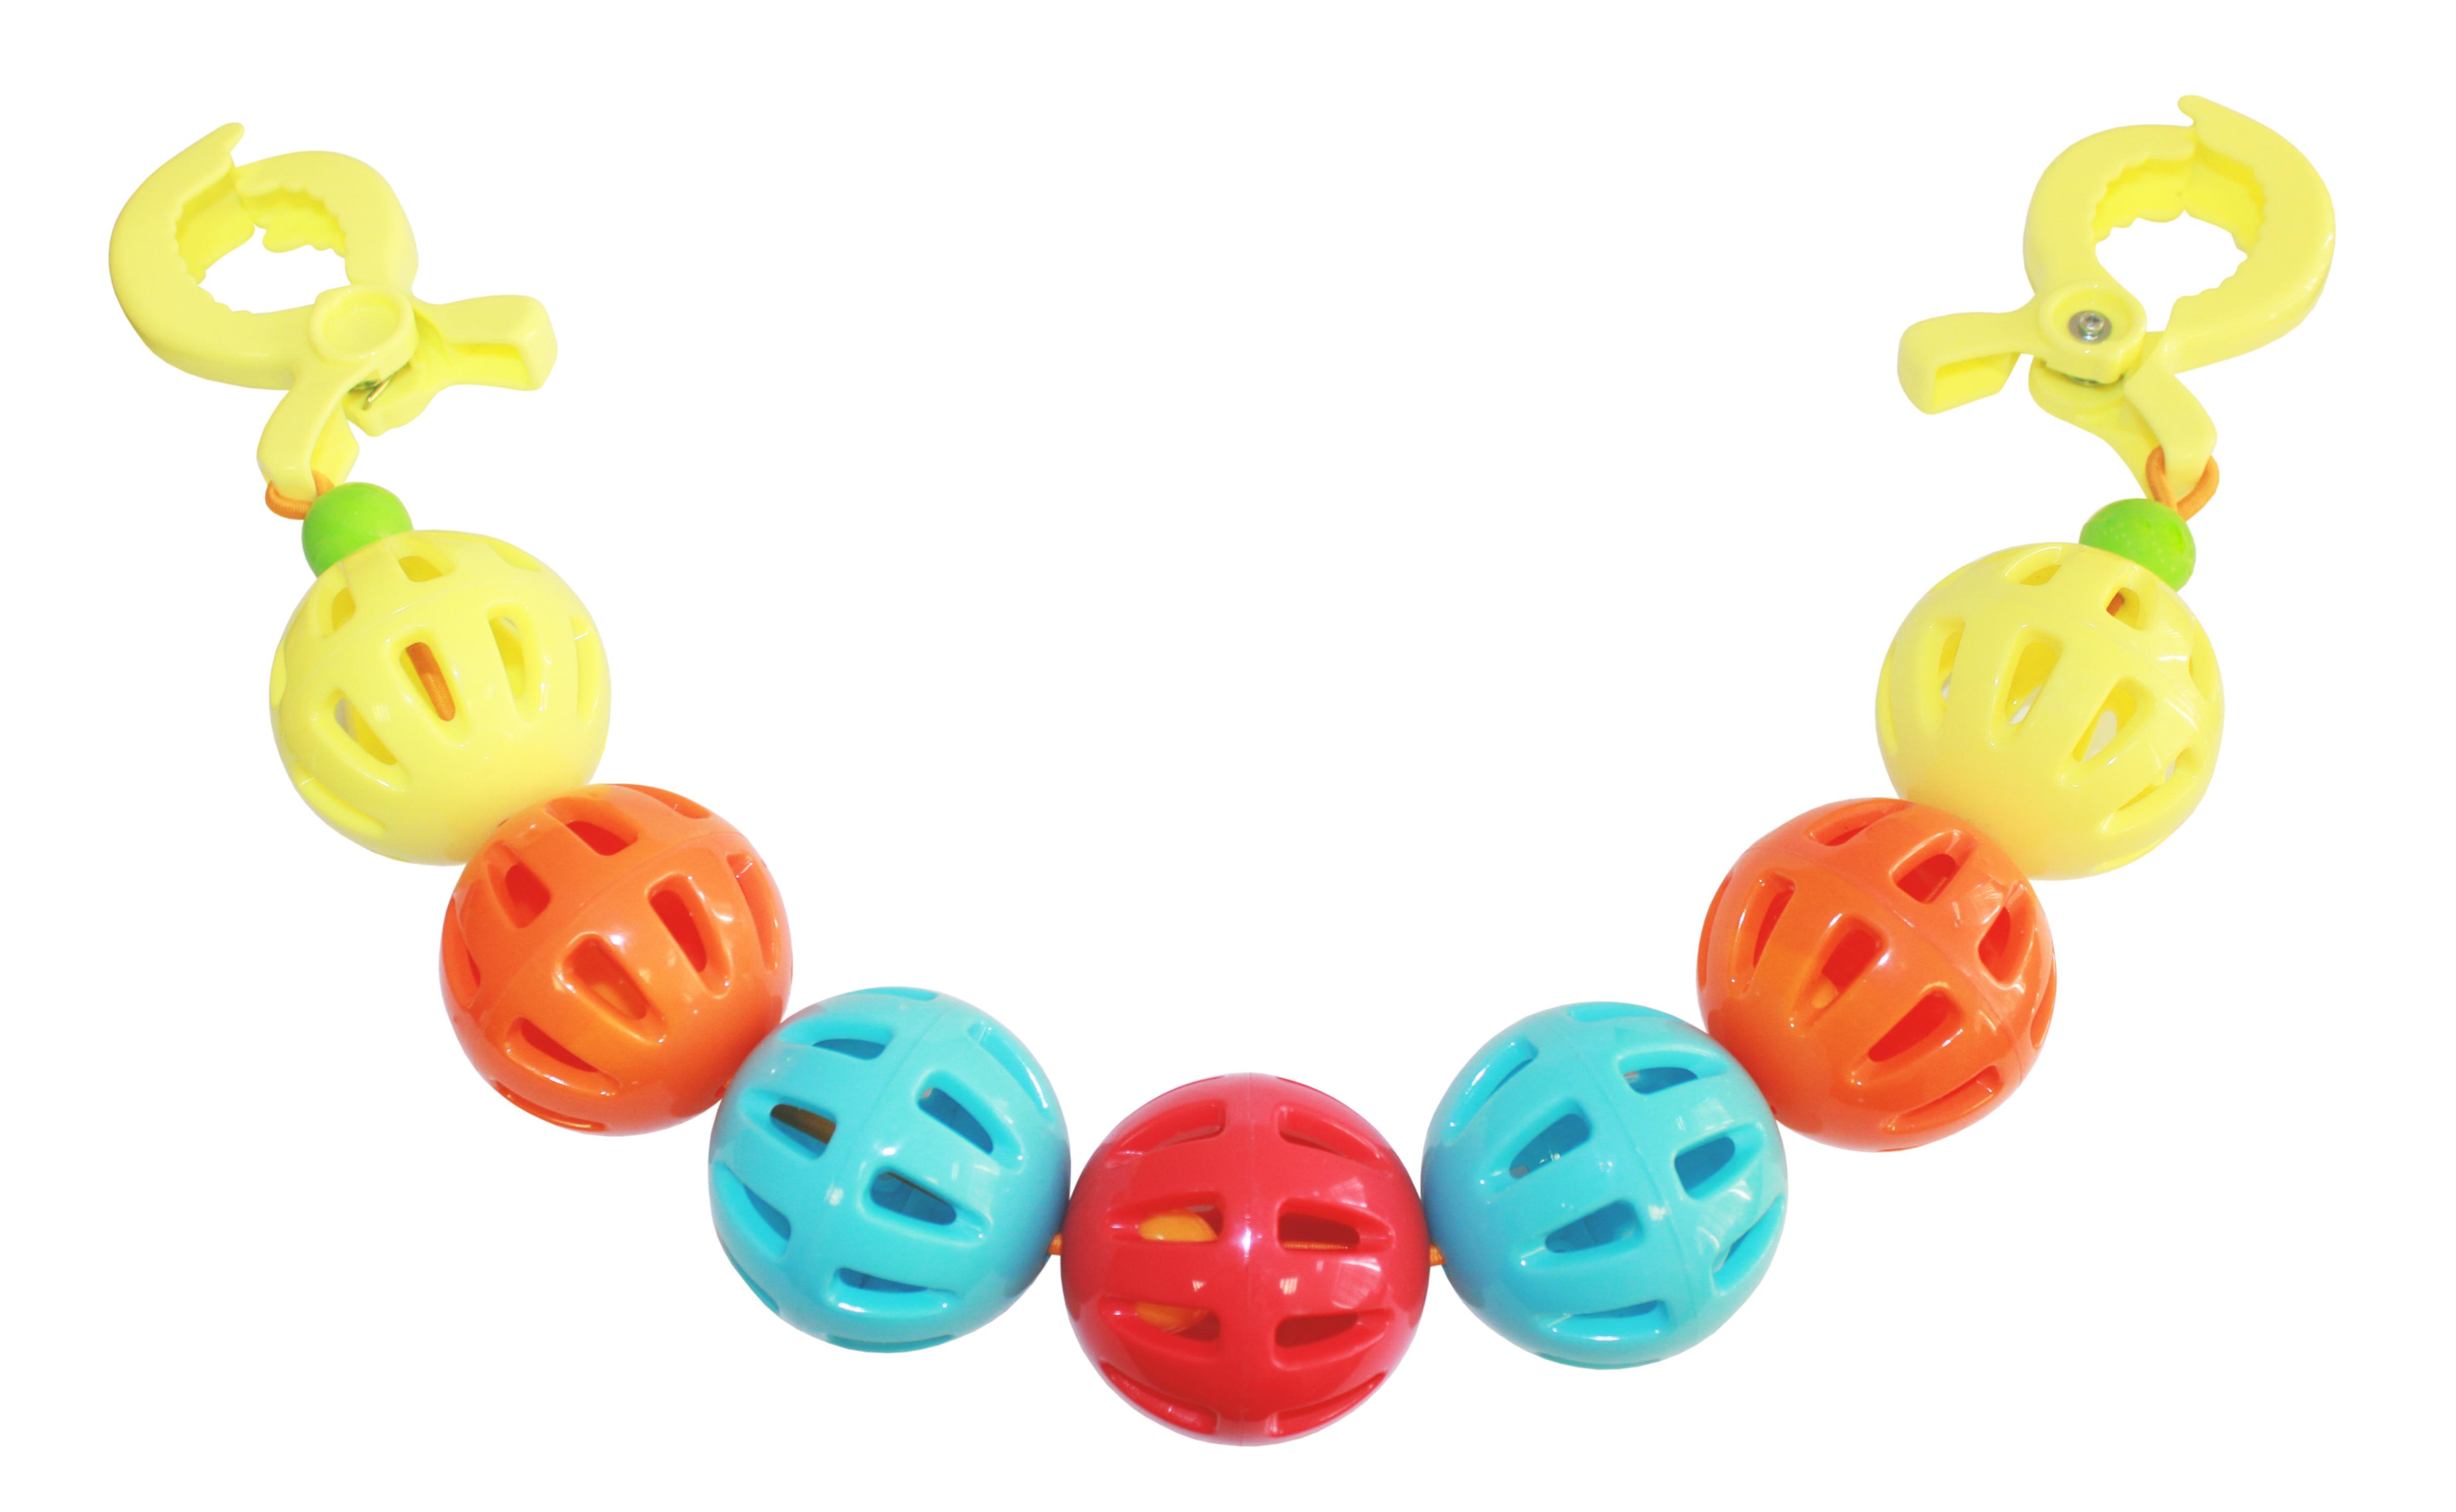 Фото - Игры и игрушки в дорогу Пластмастер Подвеска на коляску Пластмастер «Чудо-шарики» игры и игрушки в дорогу пластмастер подвеска на коляску пластмастер нежность